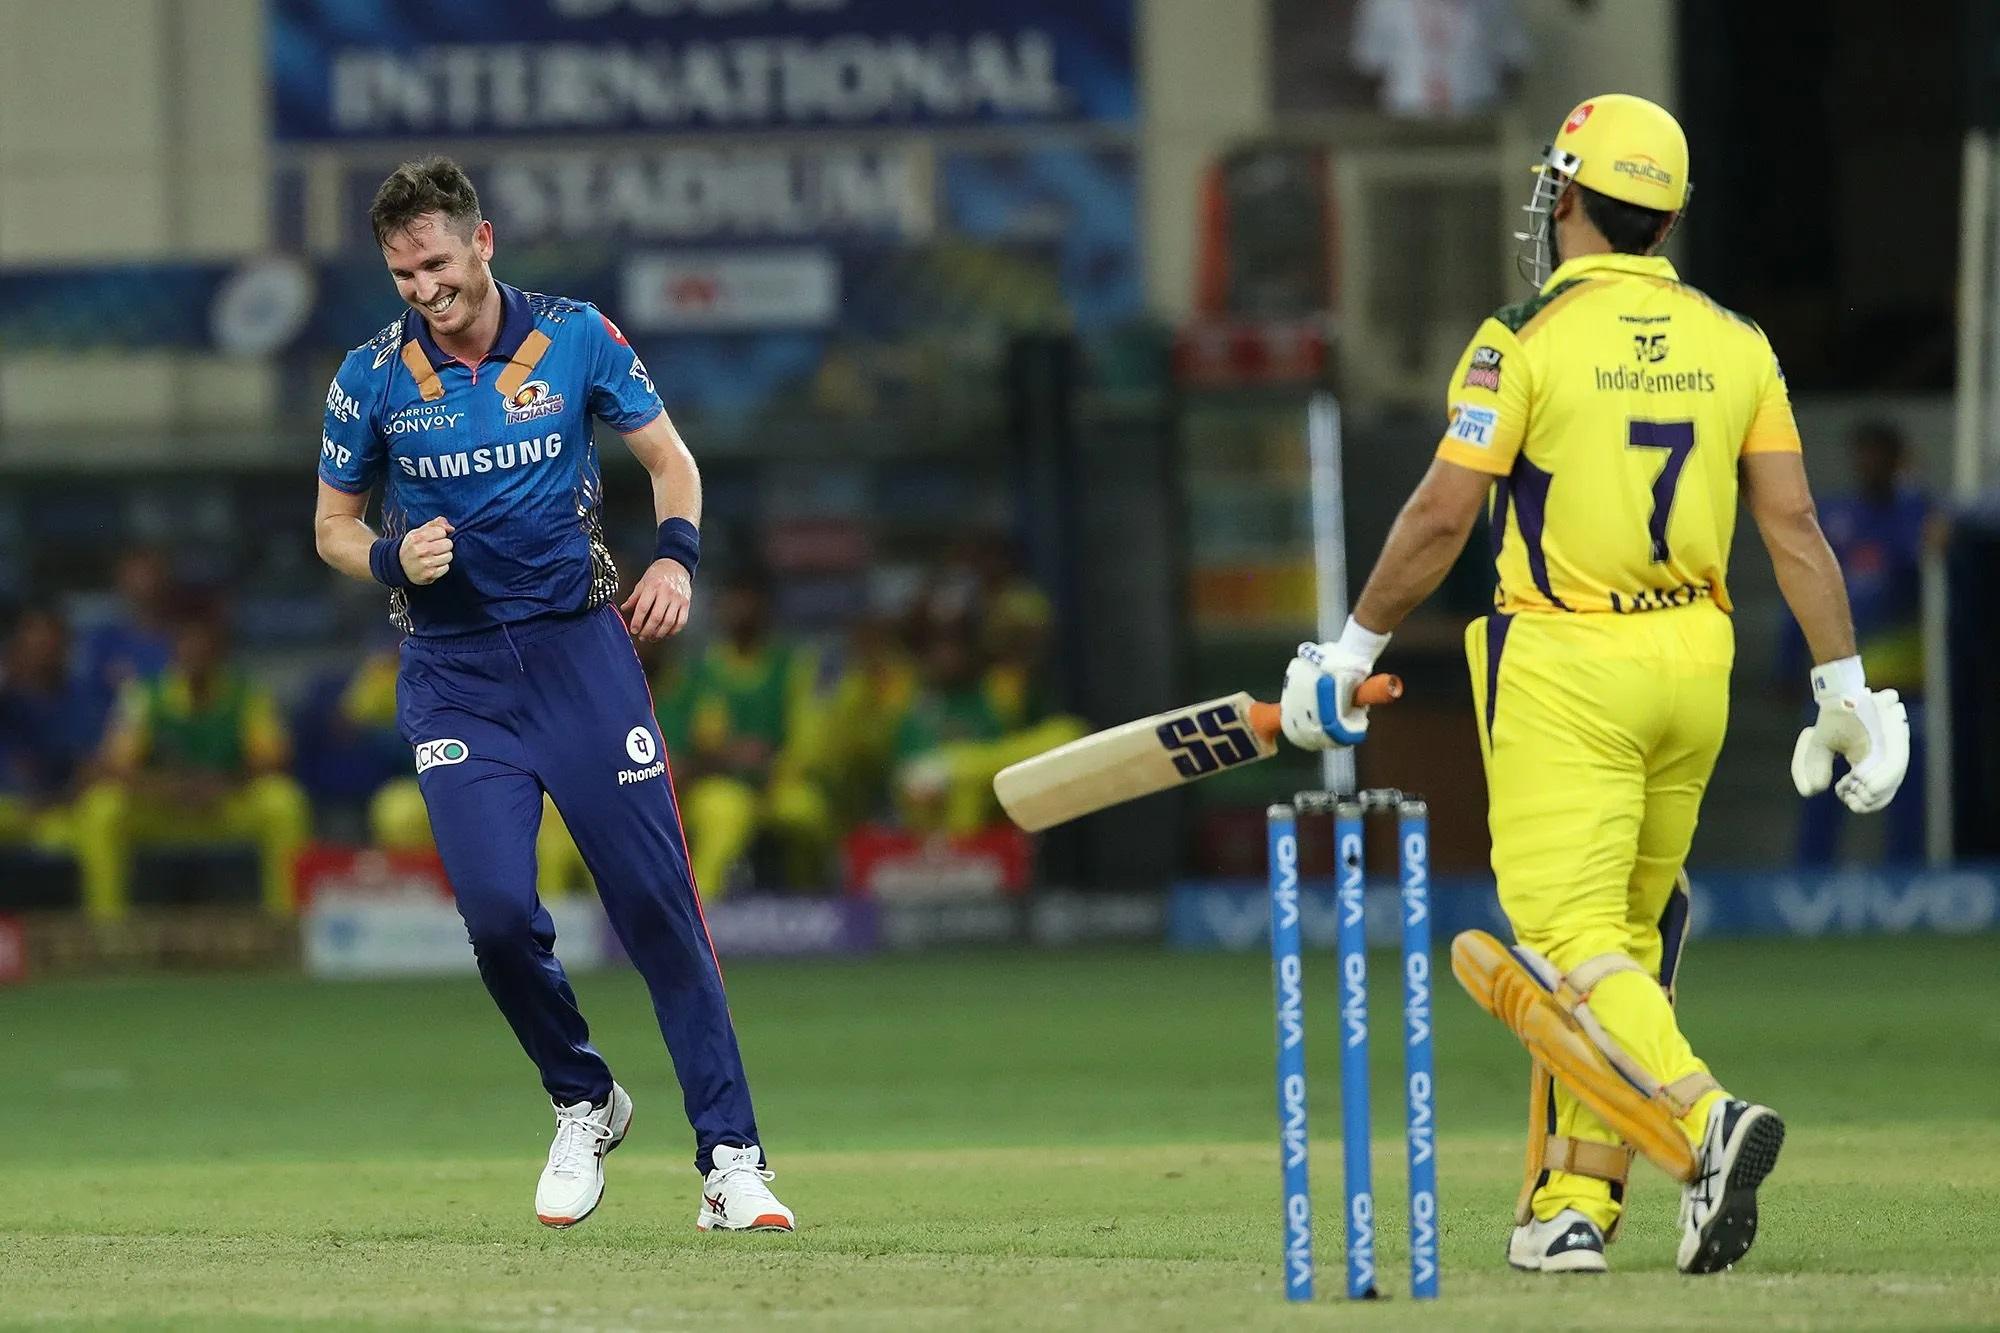 महेंद्र सिंह धोनी बैटिंग करने उतरे तो किरोन पोलार्ड ने उनका विकेट लेने के लिए शॉर्ट लेग पर फील्डर खड़ा कर दिया। धोनी आउट भी शॉर्ट गेंद पर हुए।